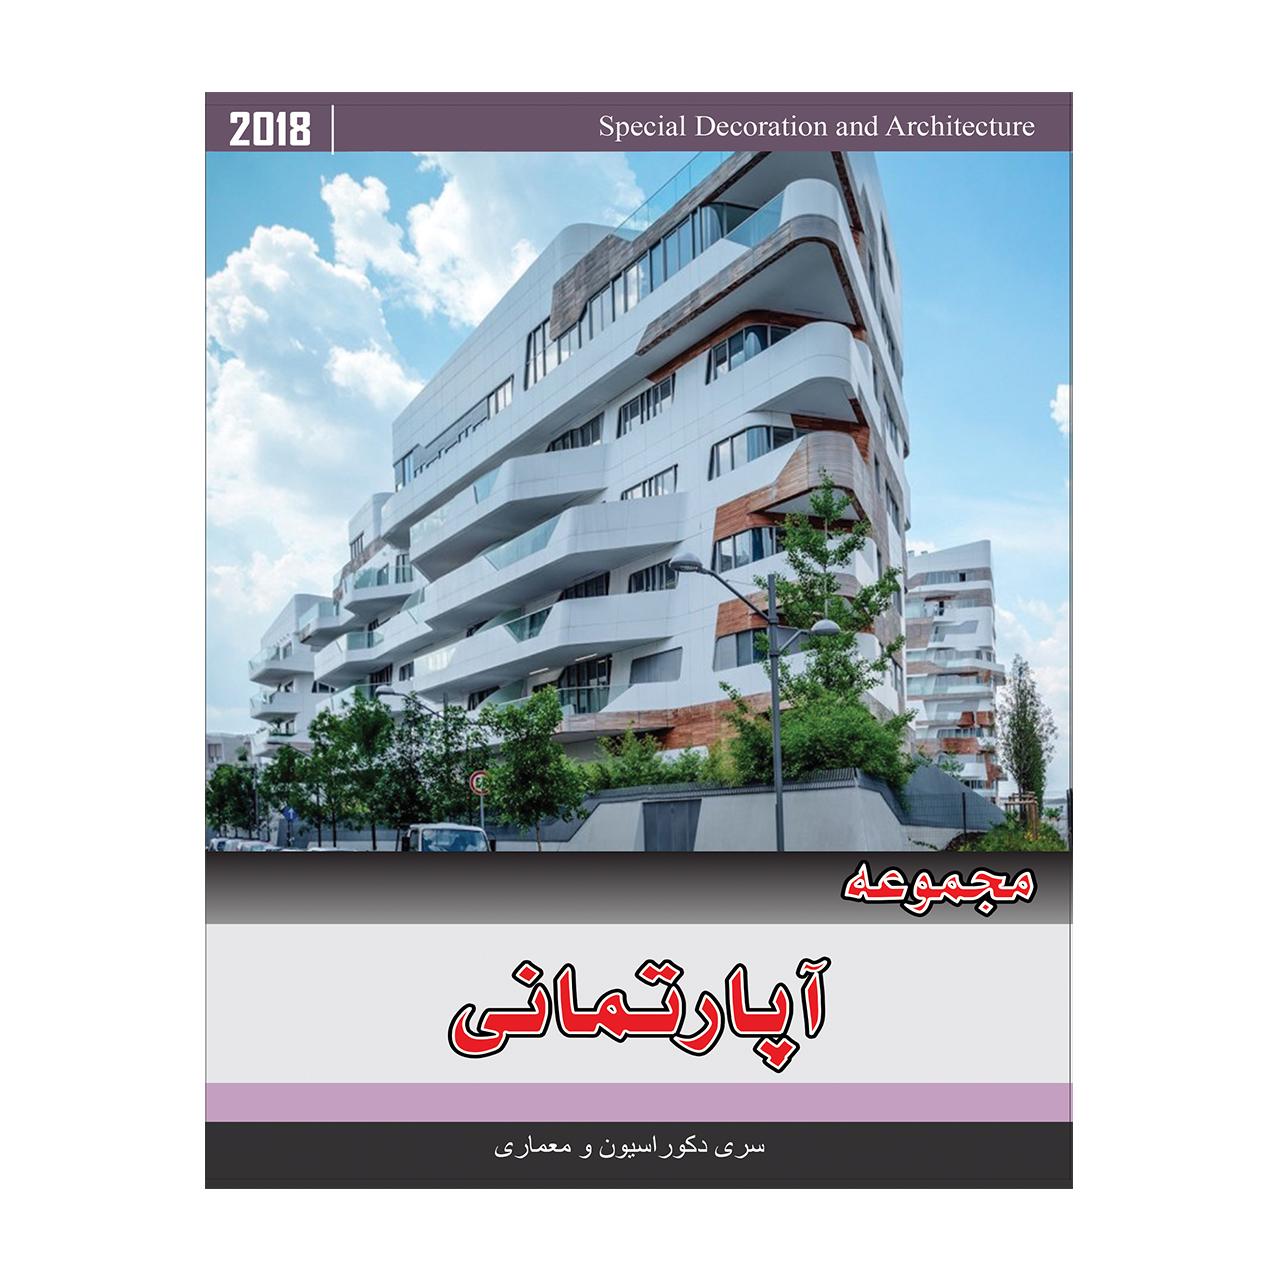 مجموعه تصاویر آپارتمانی نشر جی ای بانک